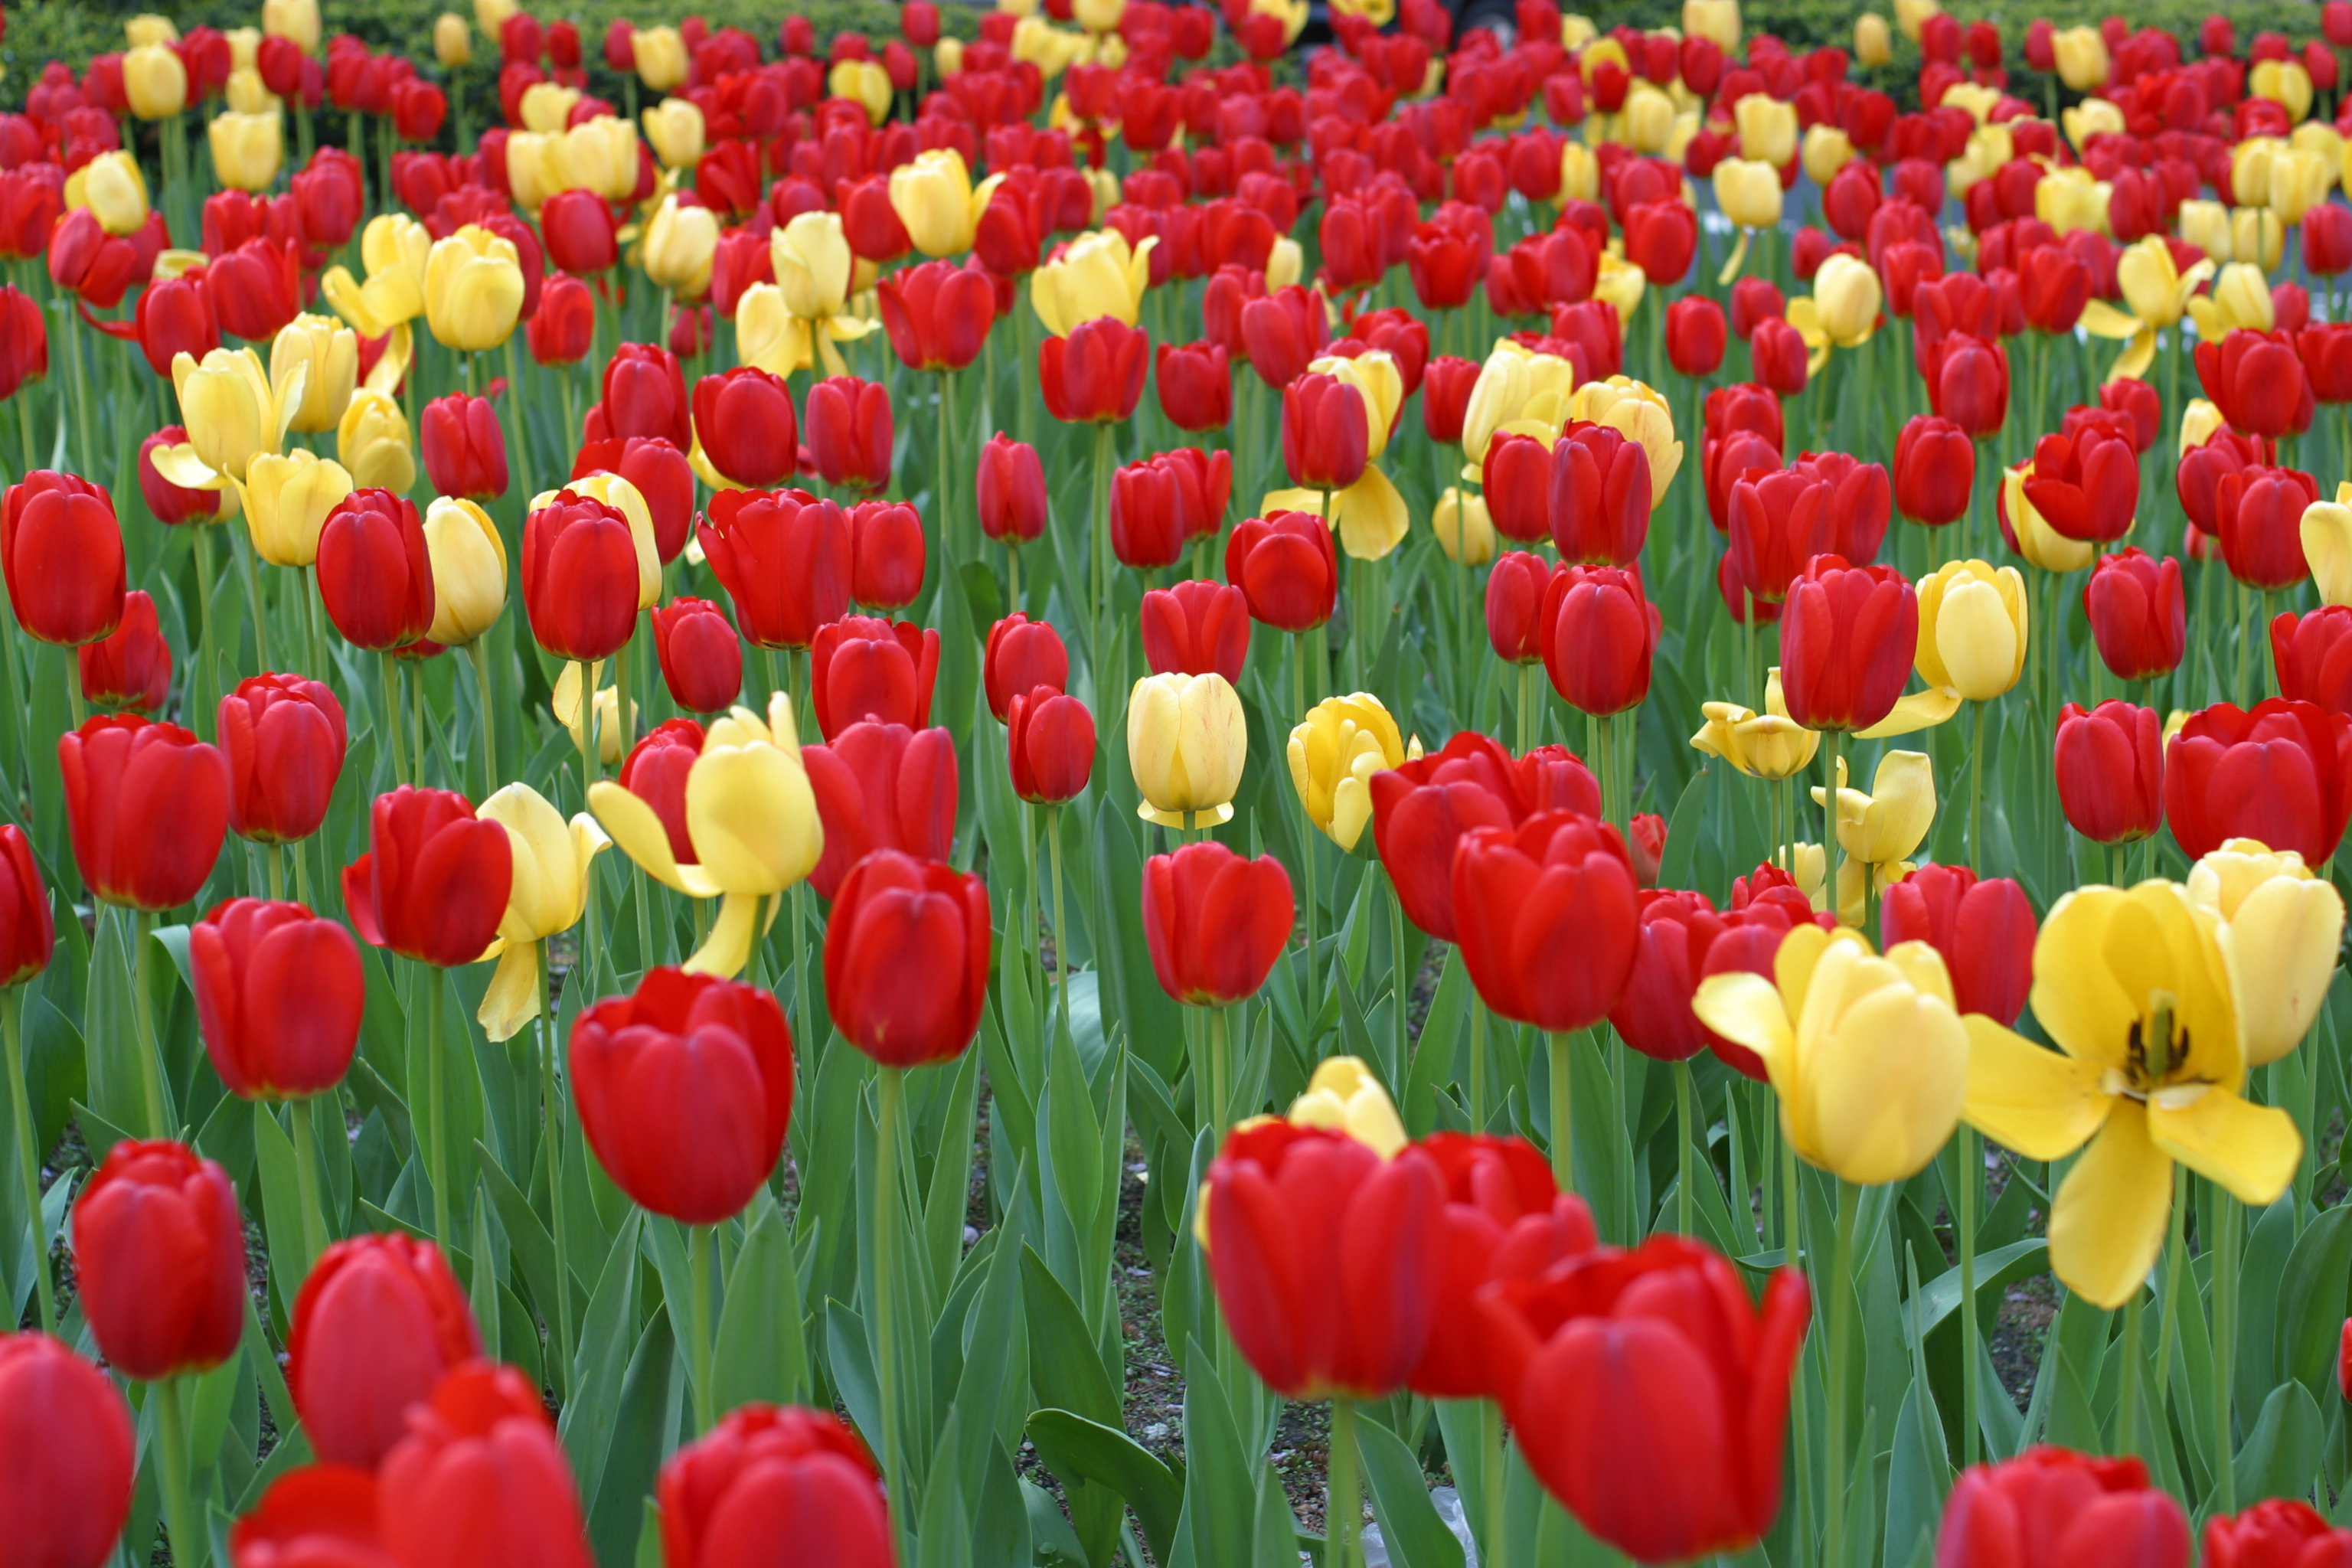 Tulipps